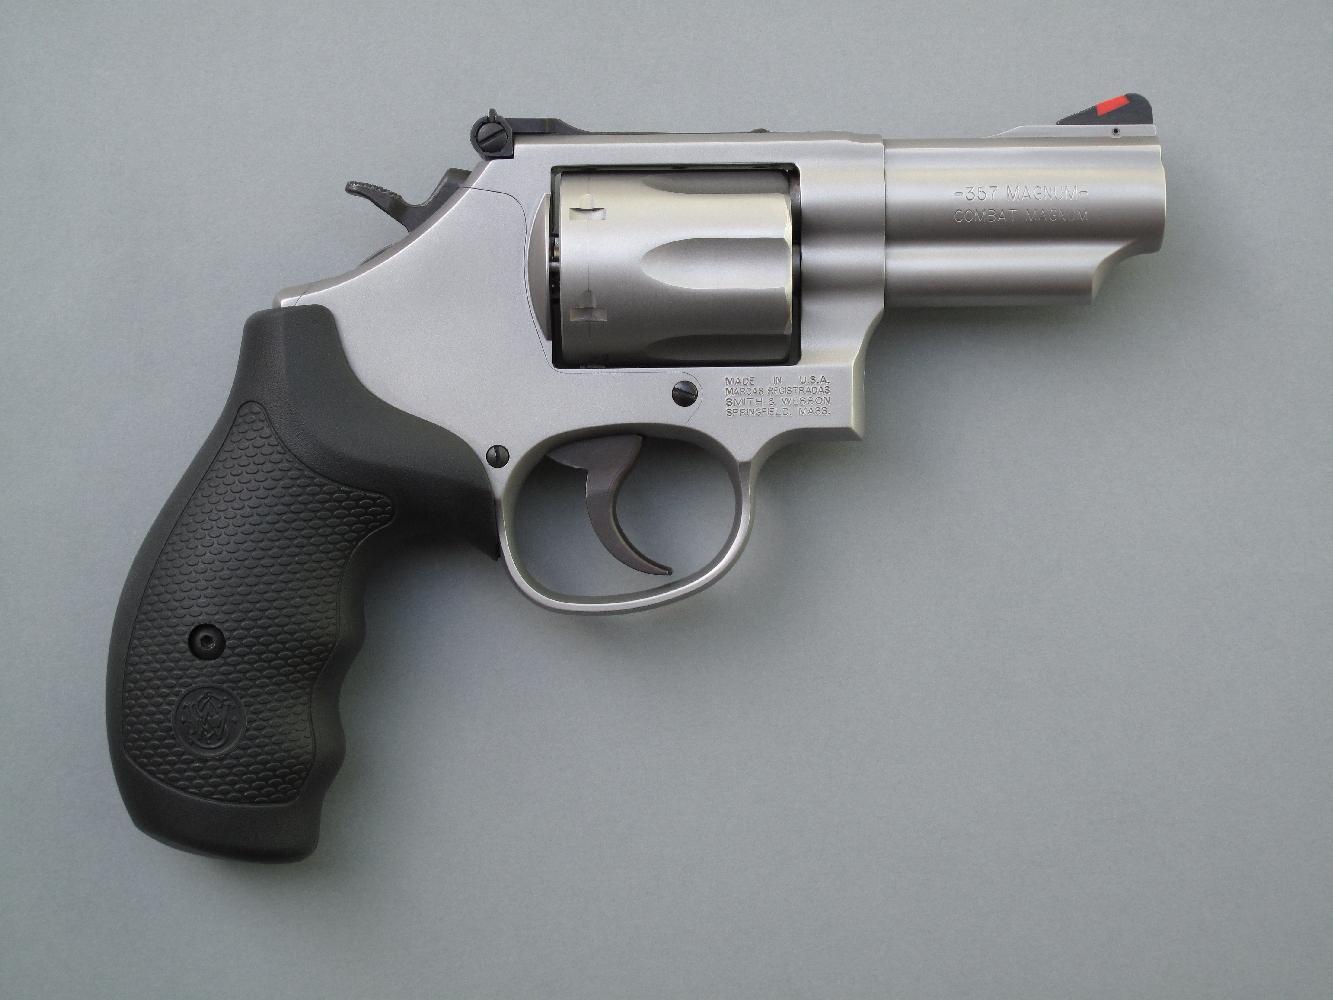 Ce revolver se démarque radicalement des traditionnels « snub noses » par son puissant calibre et par la présence d'une hausse réglable qui lui assure sa précision en cible.